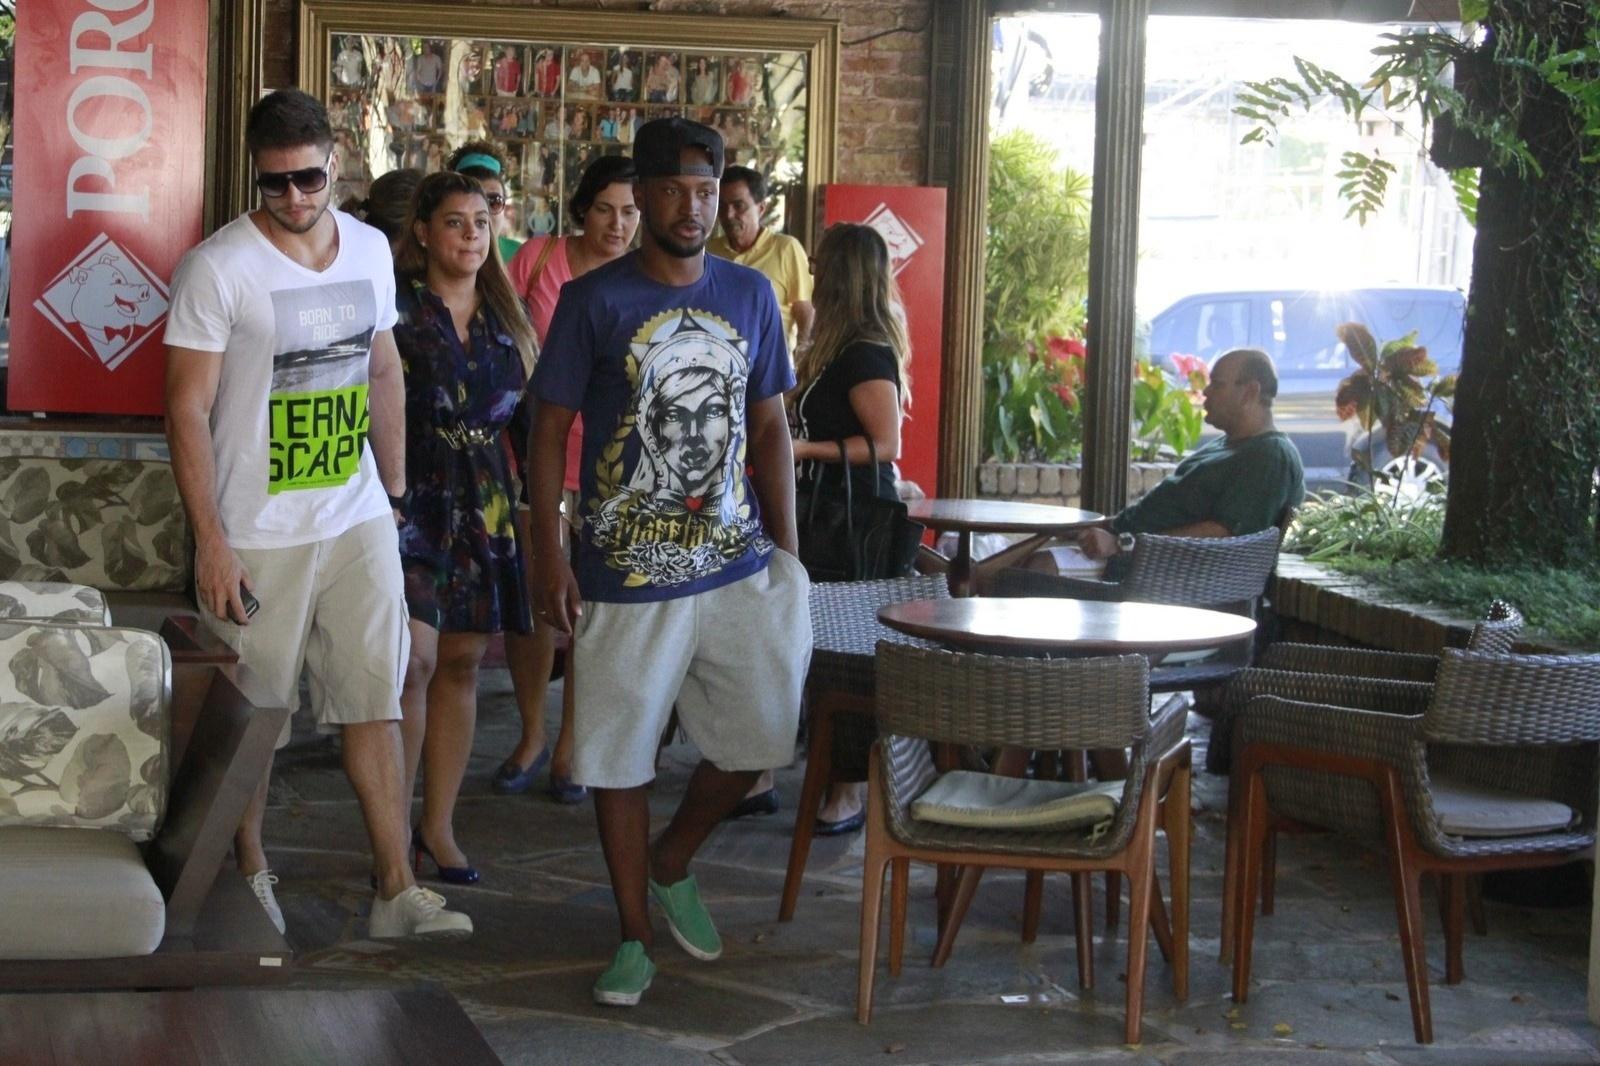 20.jan.2014 - Thiaguinho compareceu ao aniversário de 19 anos de Francisco, filho de Preta Gil, que foi comemorado em uma churrascaria do Rio